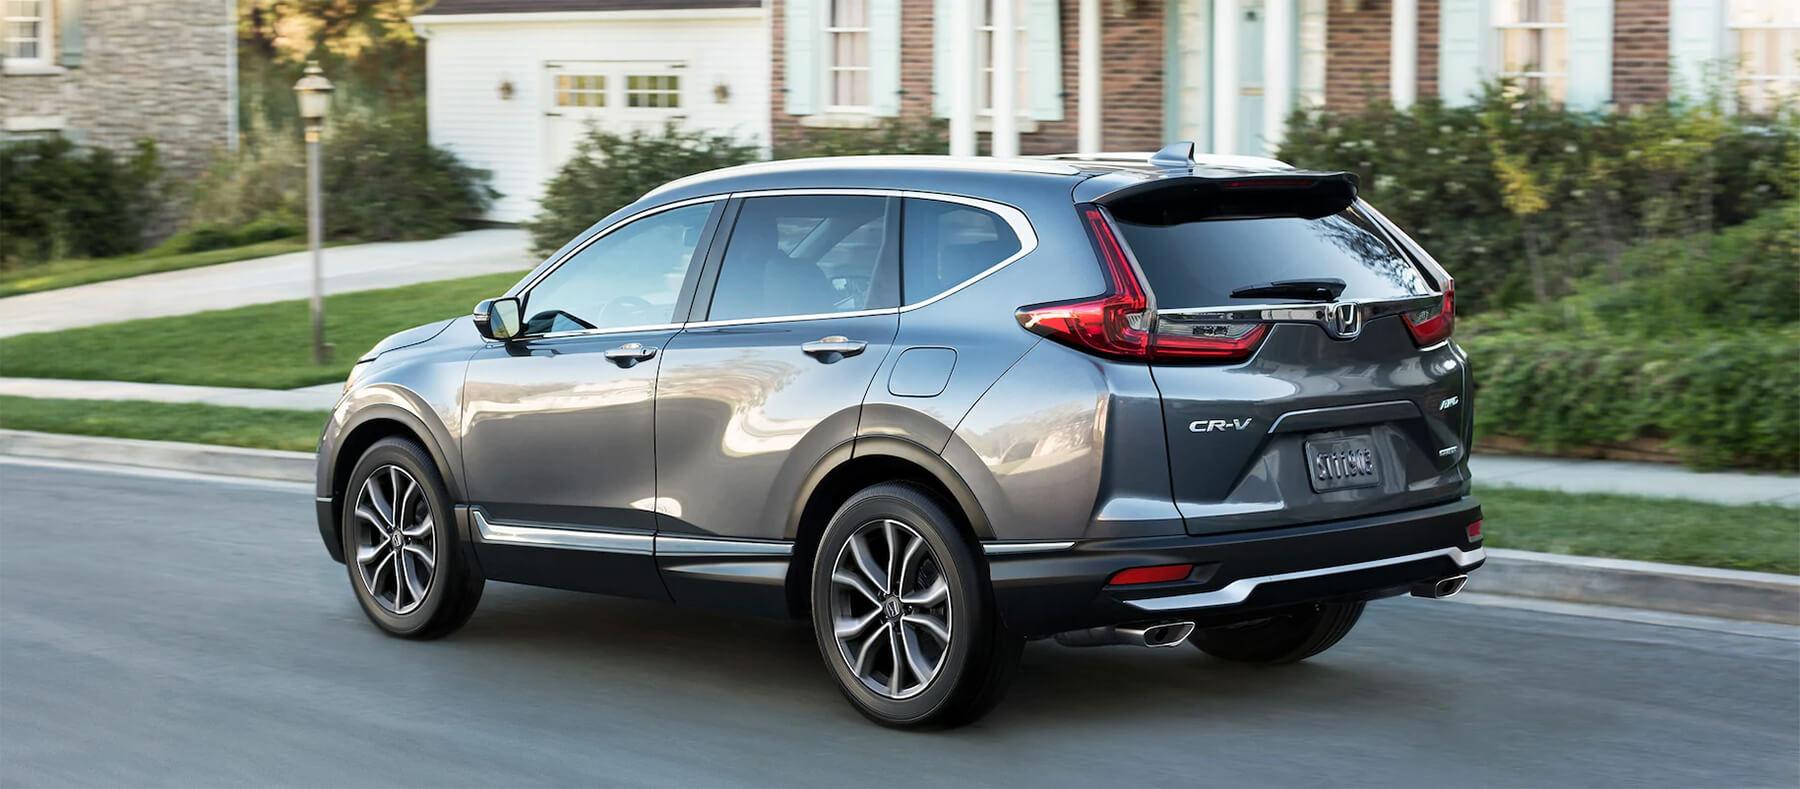 2020 Honda CR-V Trim Options Hero Image